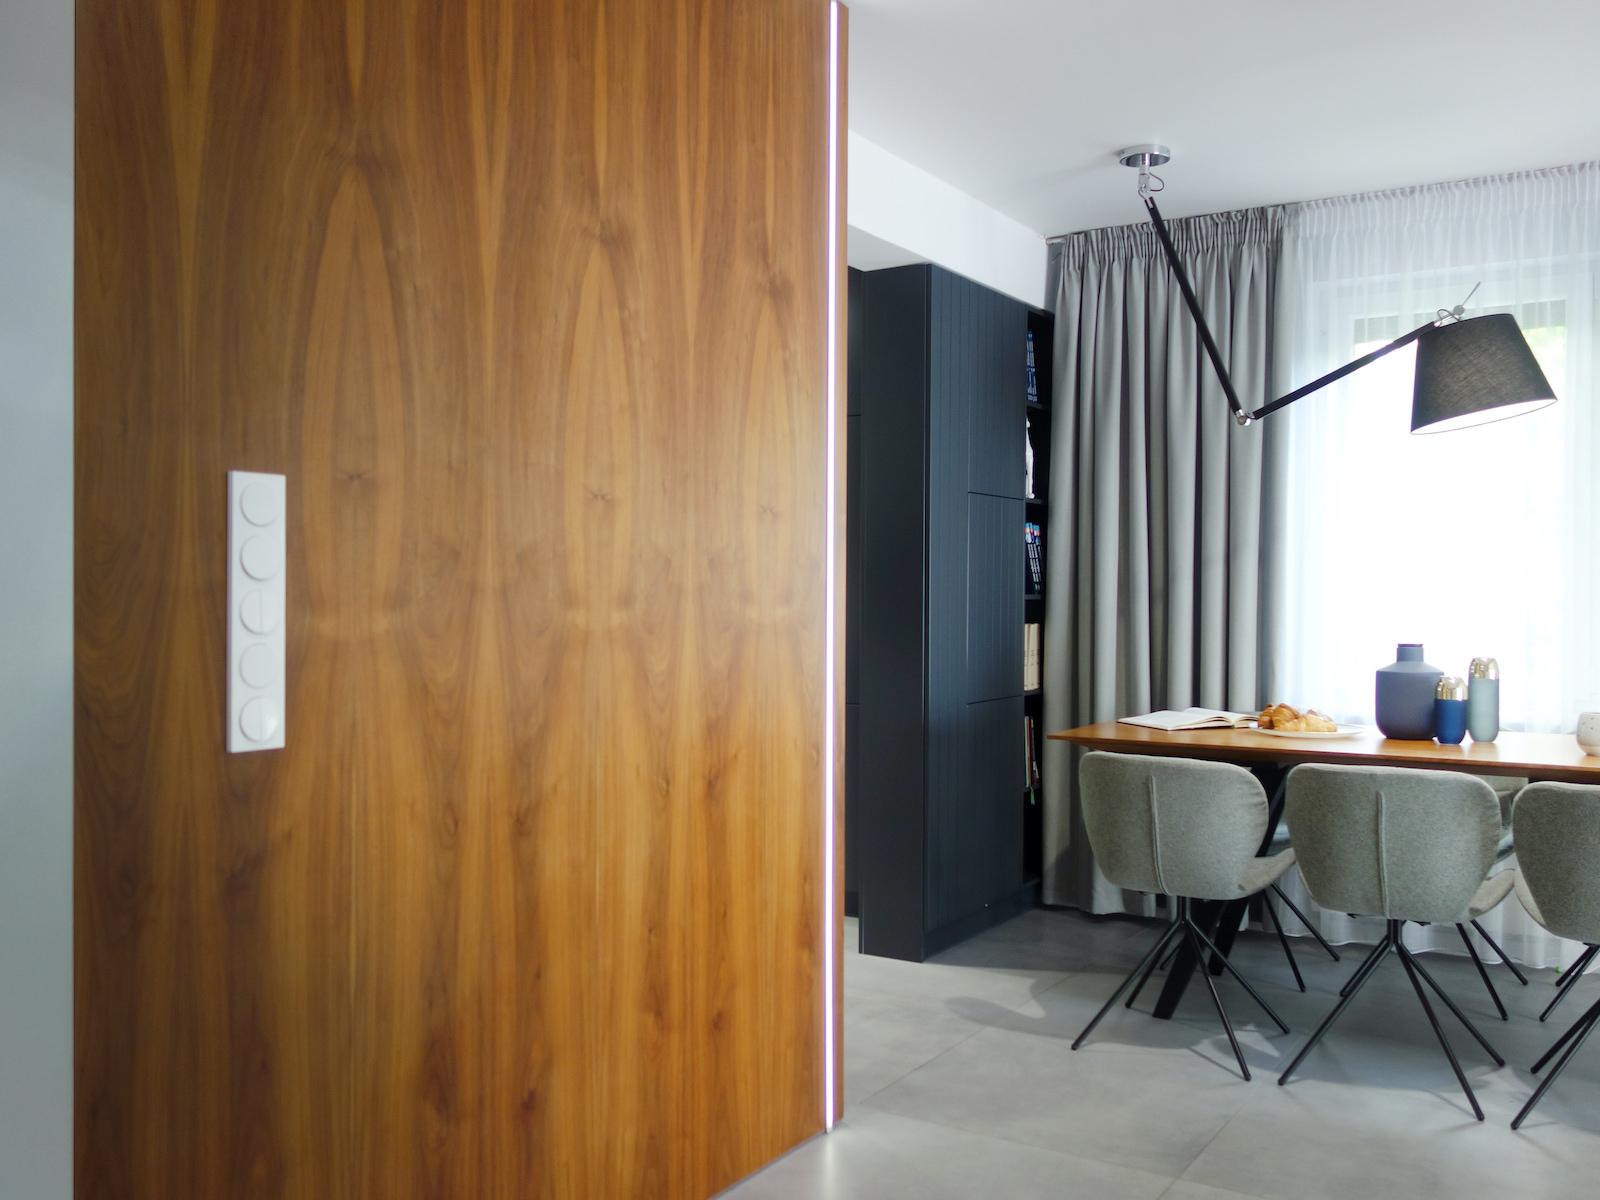 12 projektant wnetrz R056 dom dabrowa gornicza jadalnia stol z drewnanym blatem drewno na scianie lampa na wysiegniku wlaczniki swiatla